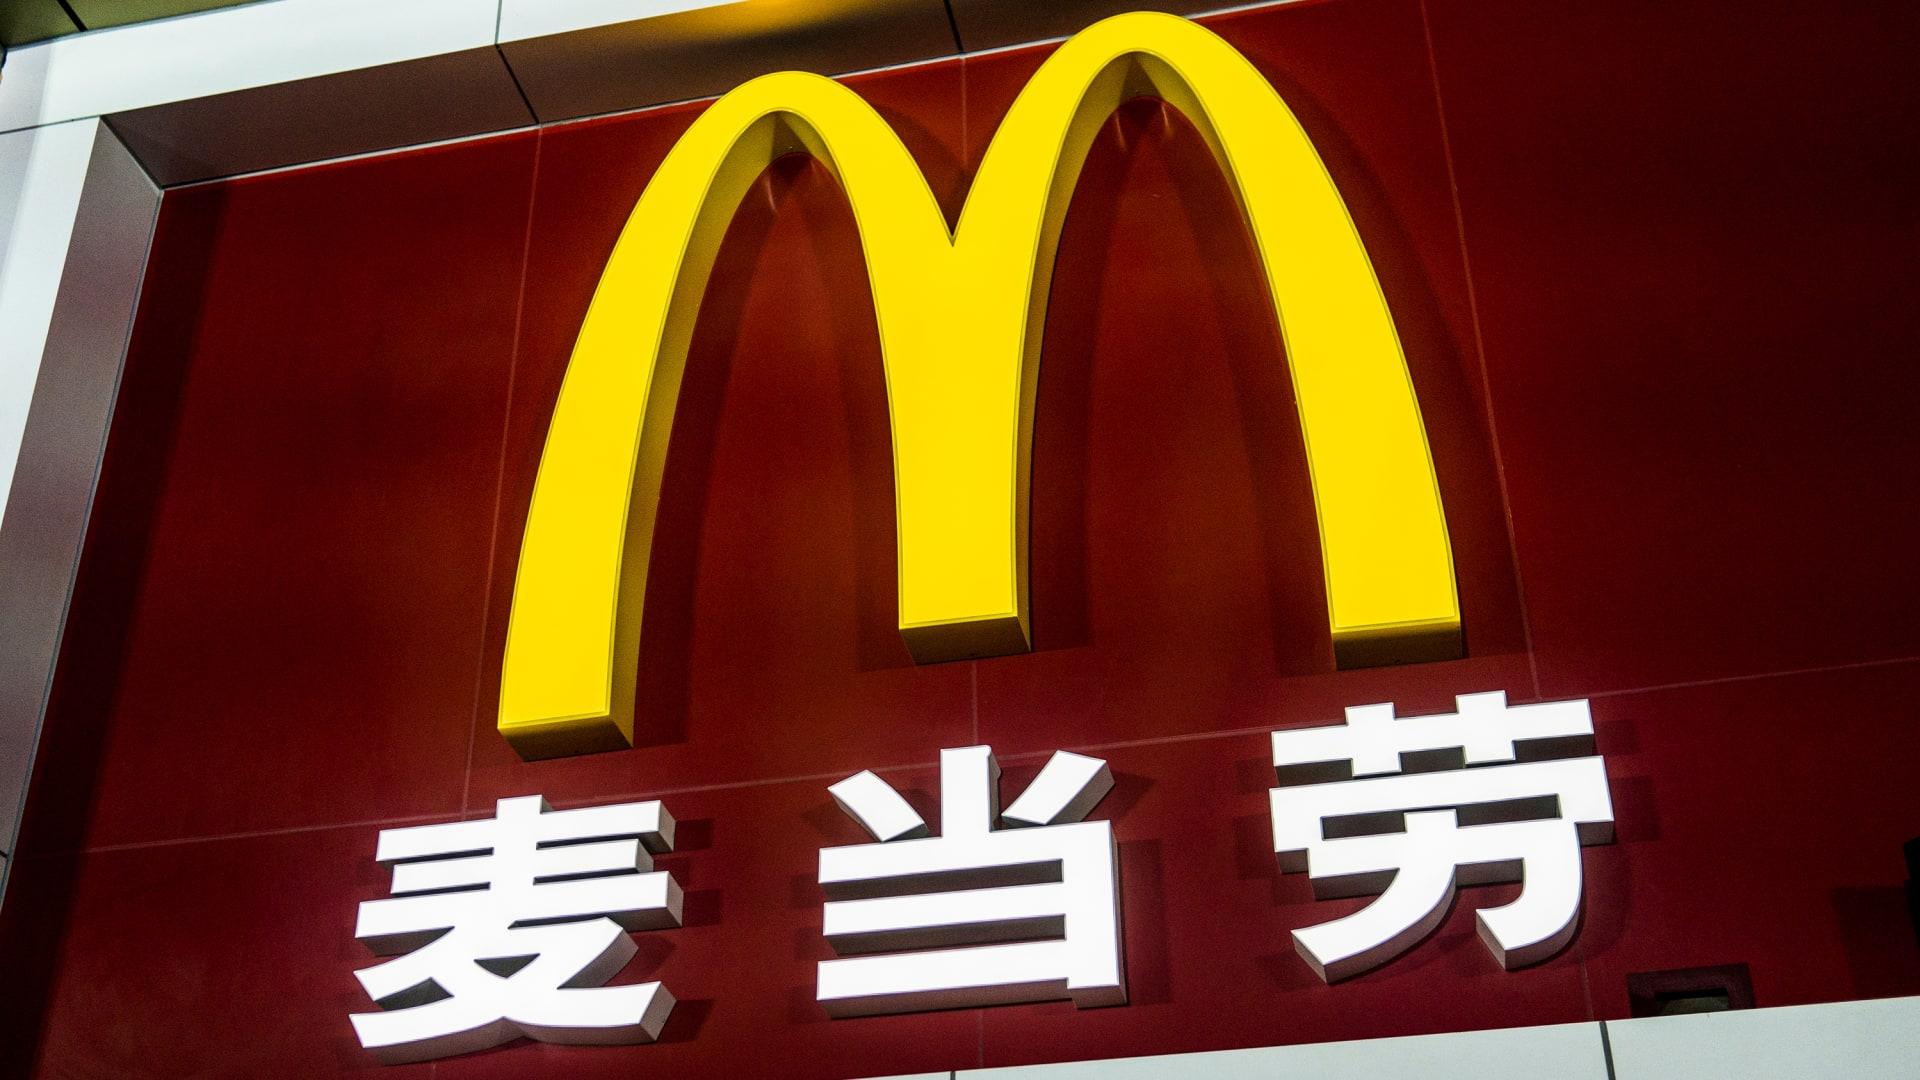 ماكدونالدز يعتذر ويغلق أحد فروعه الصينية بعد وضع لافتة تحظر دخول السود